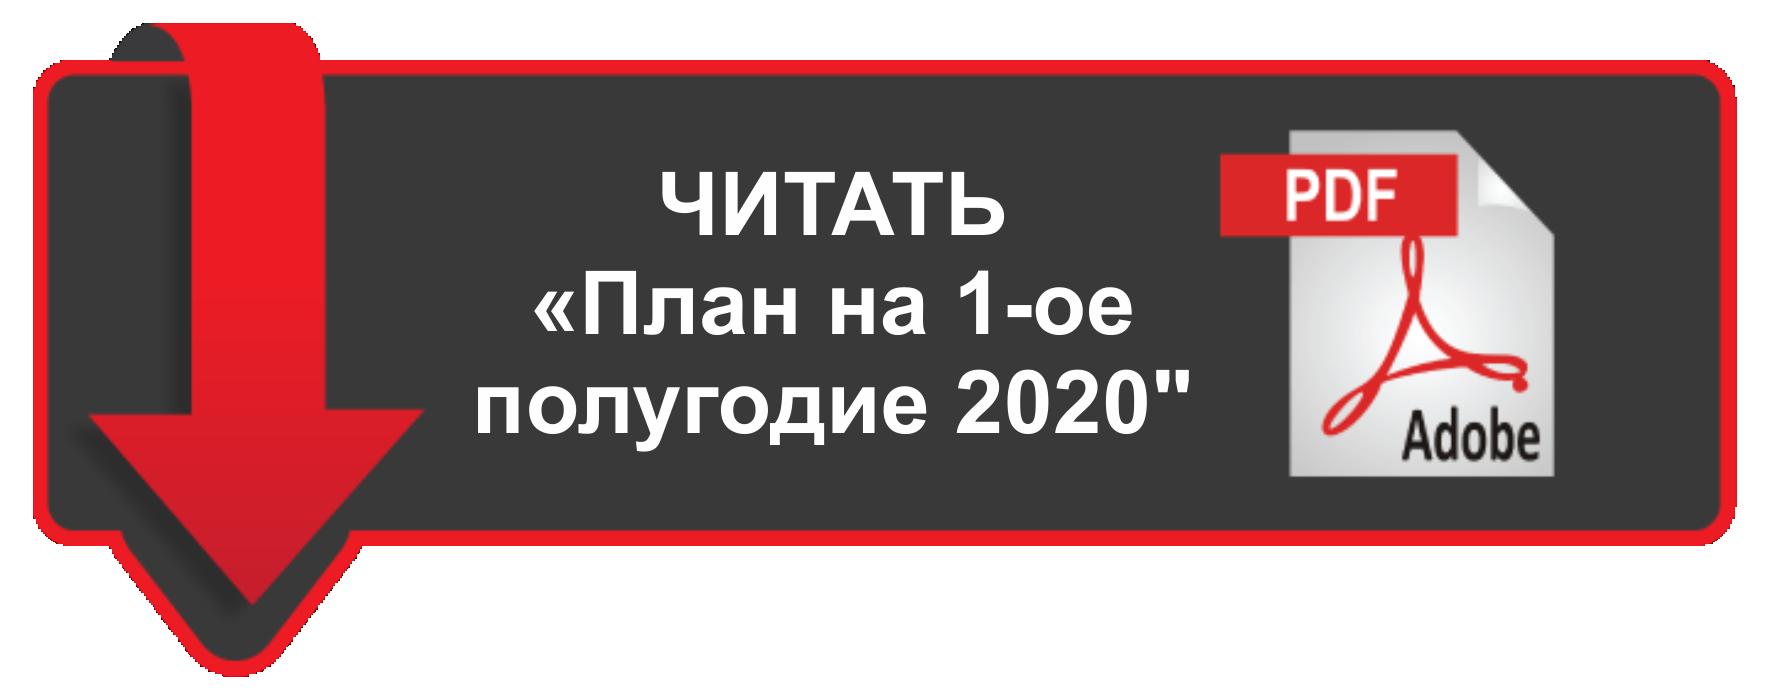 План на 1-ое полугодие 2020